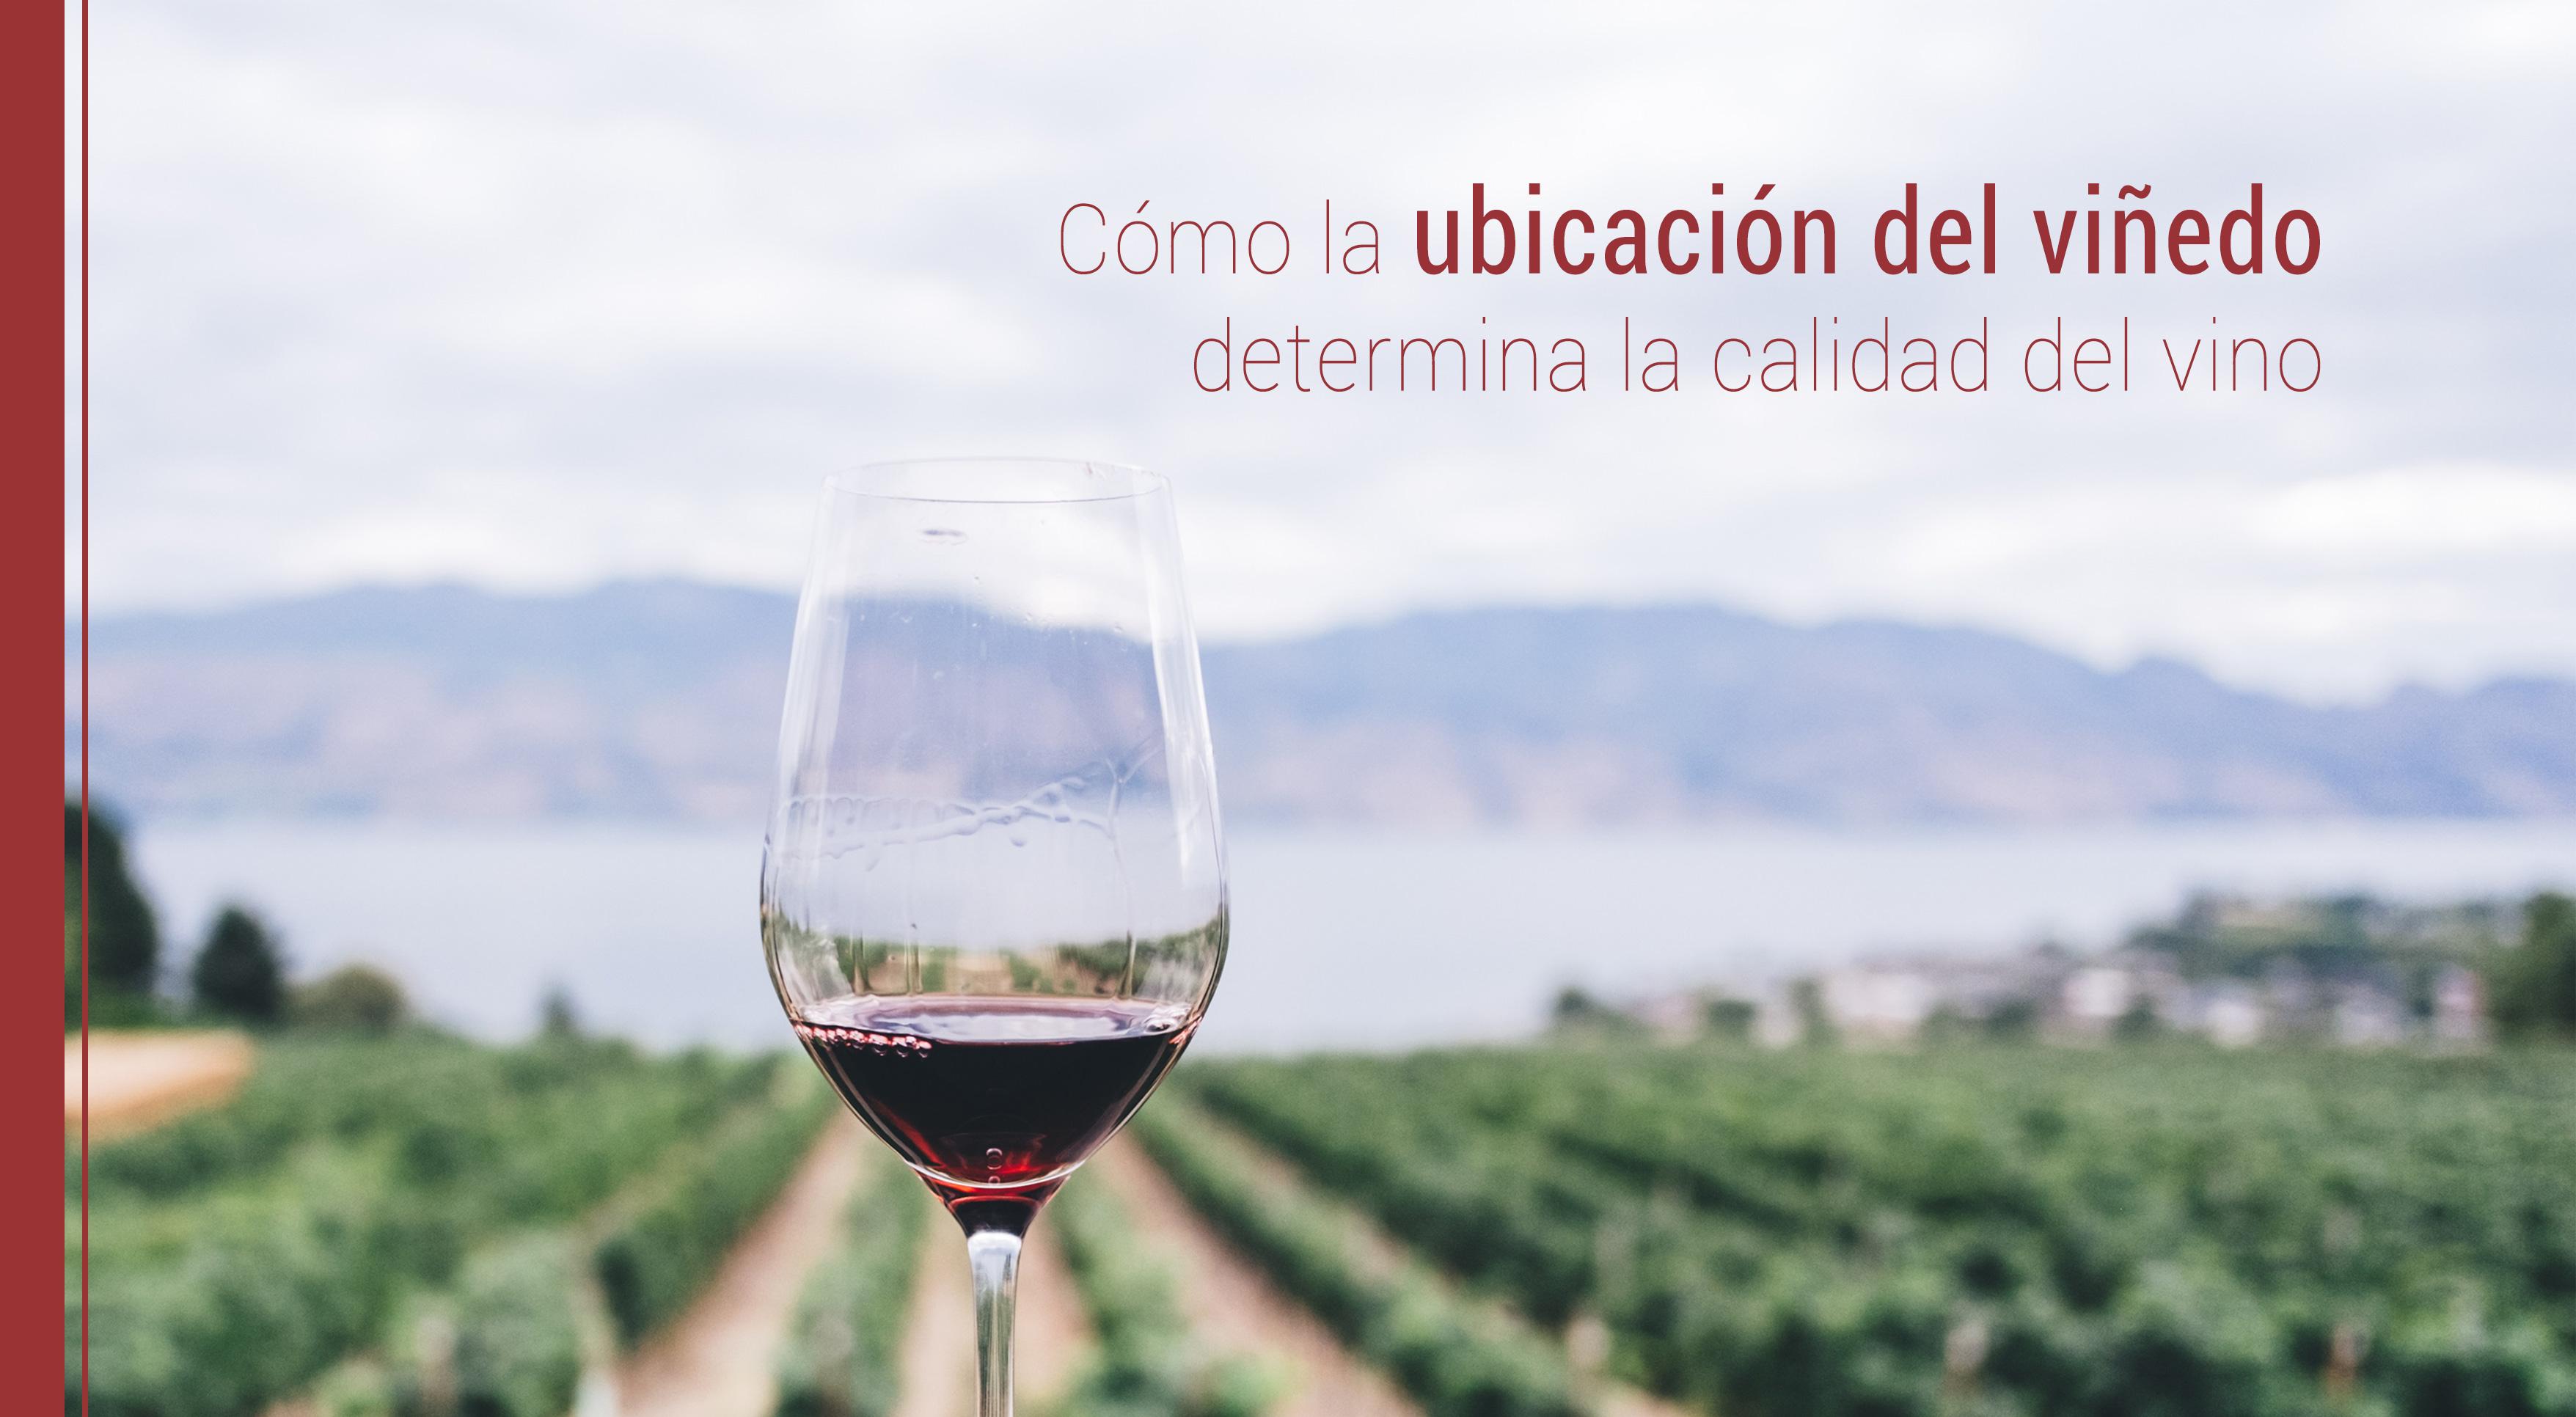 ubicacion-vinedo-calidad-del-vino Cómo la ubicación del viñedo determina la calidad del vino